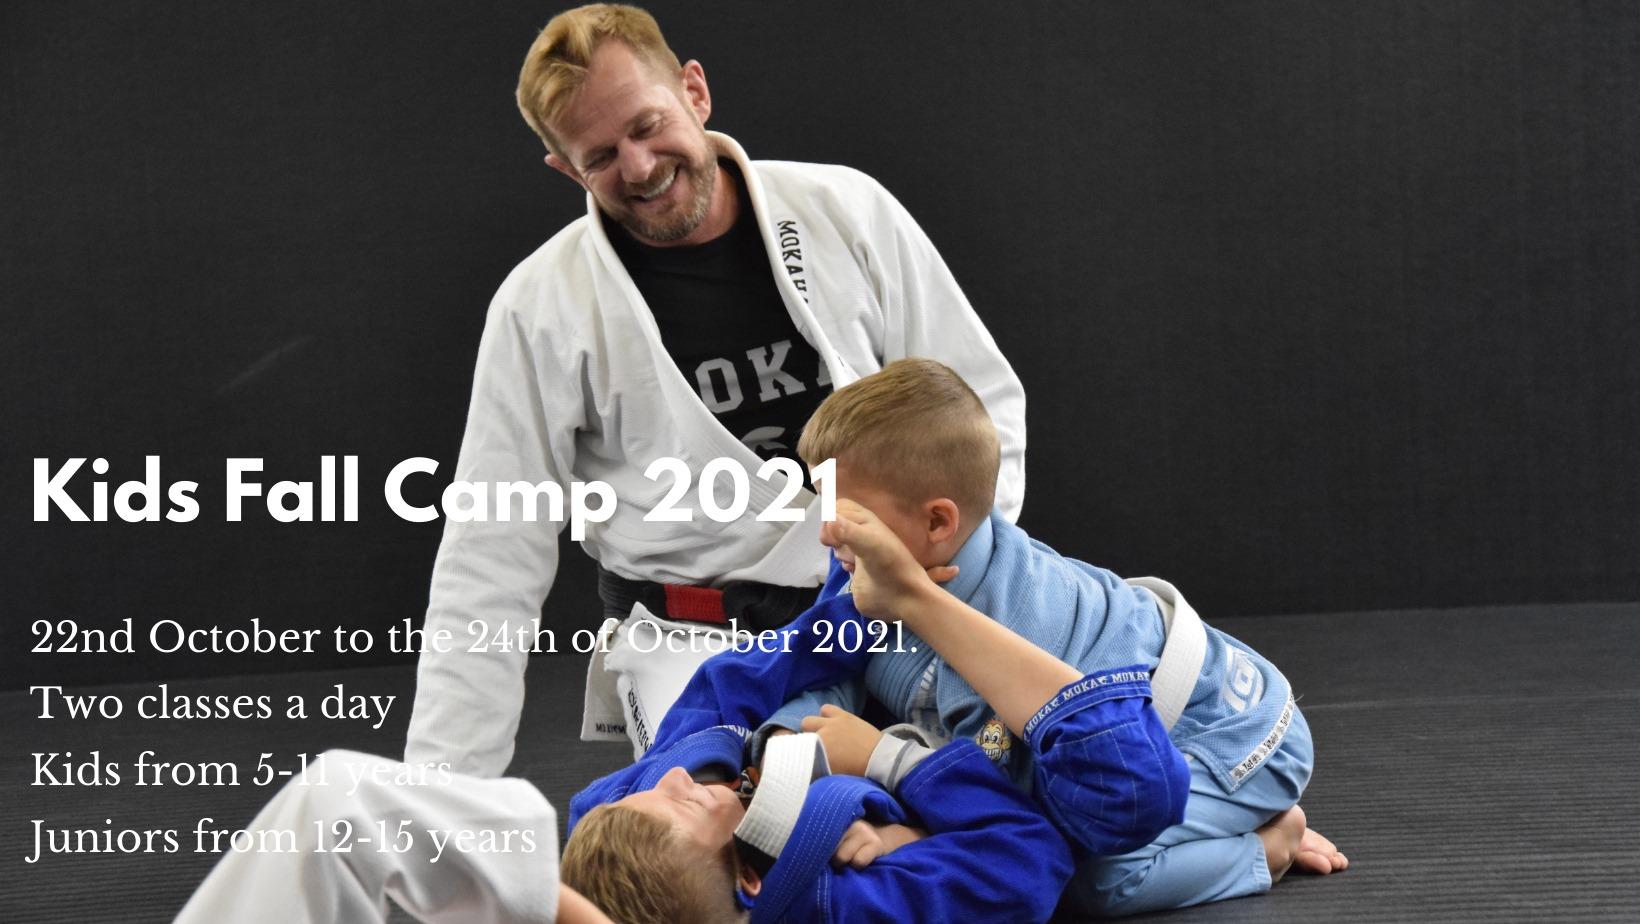 Børne efterårs camp for alle klubber